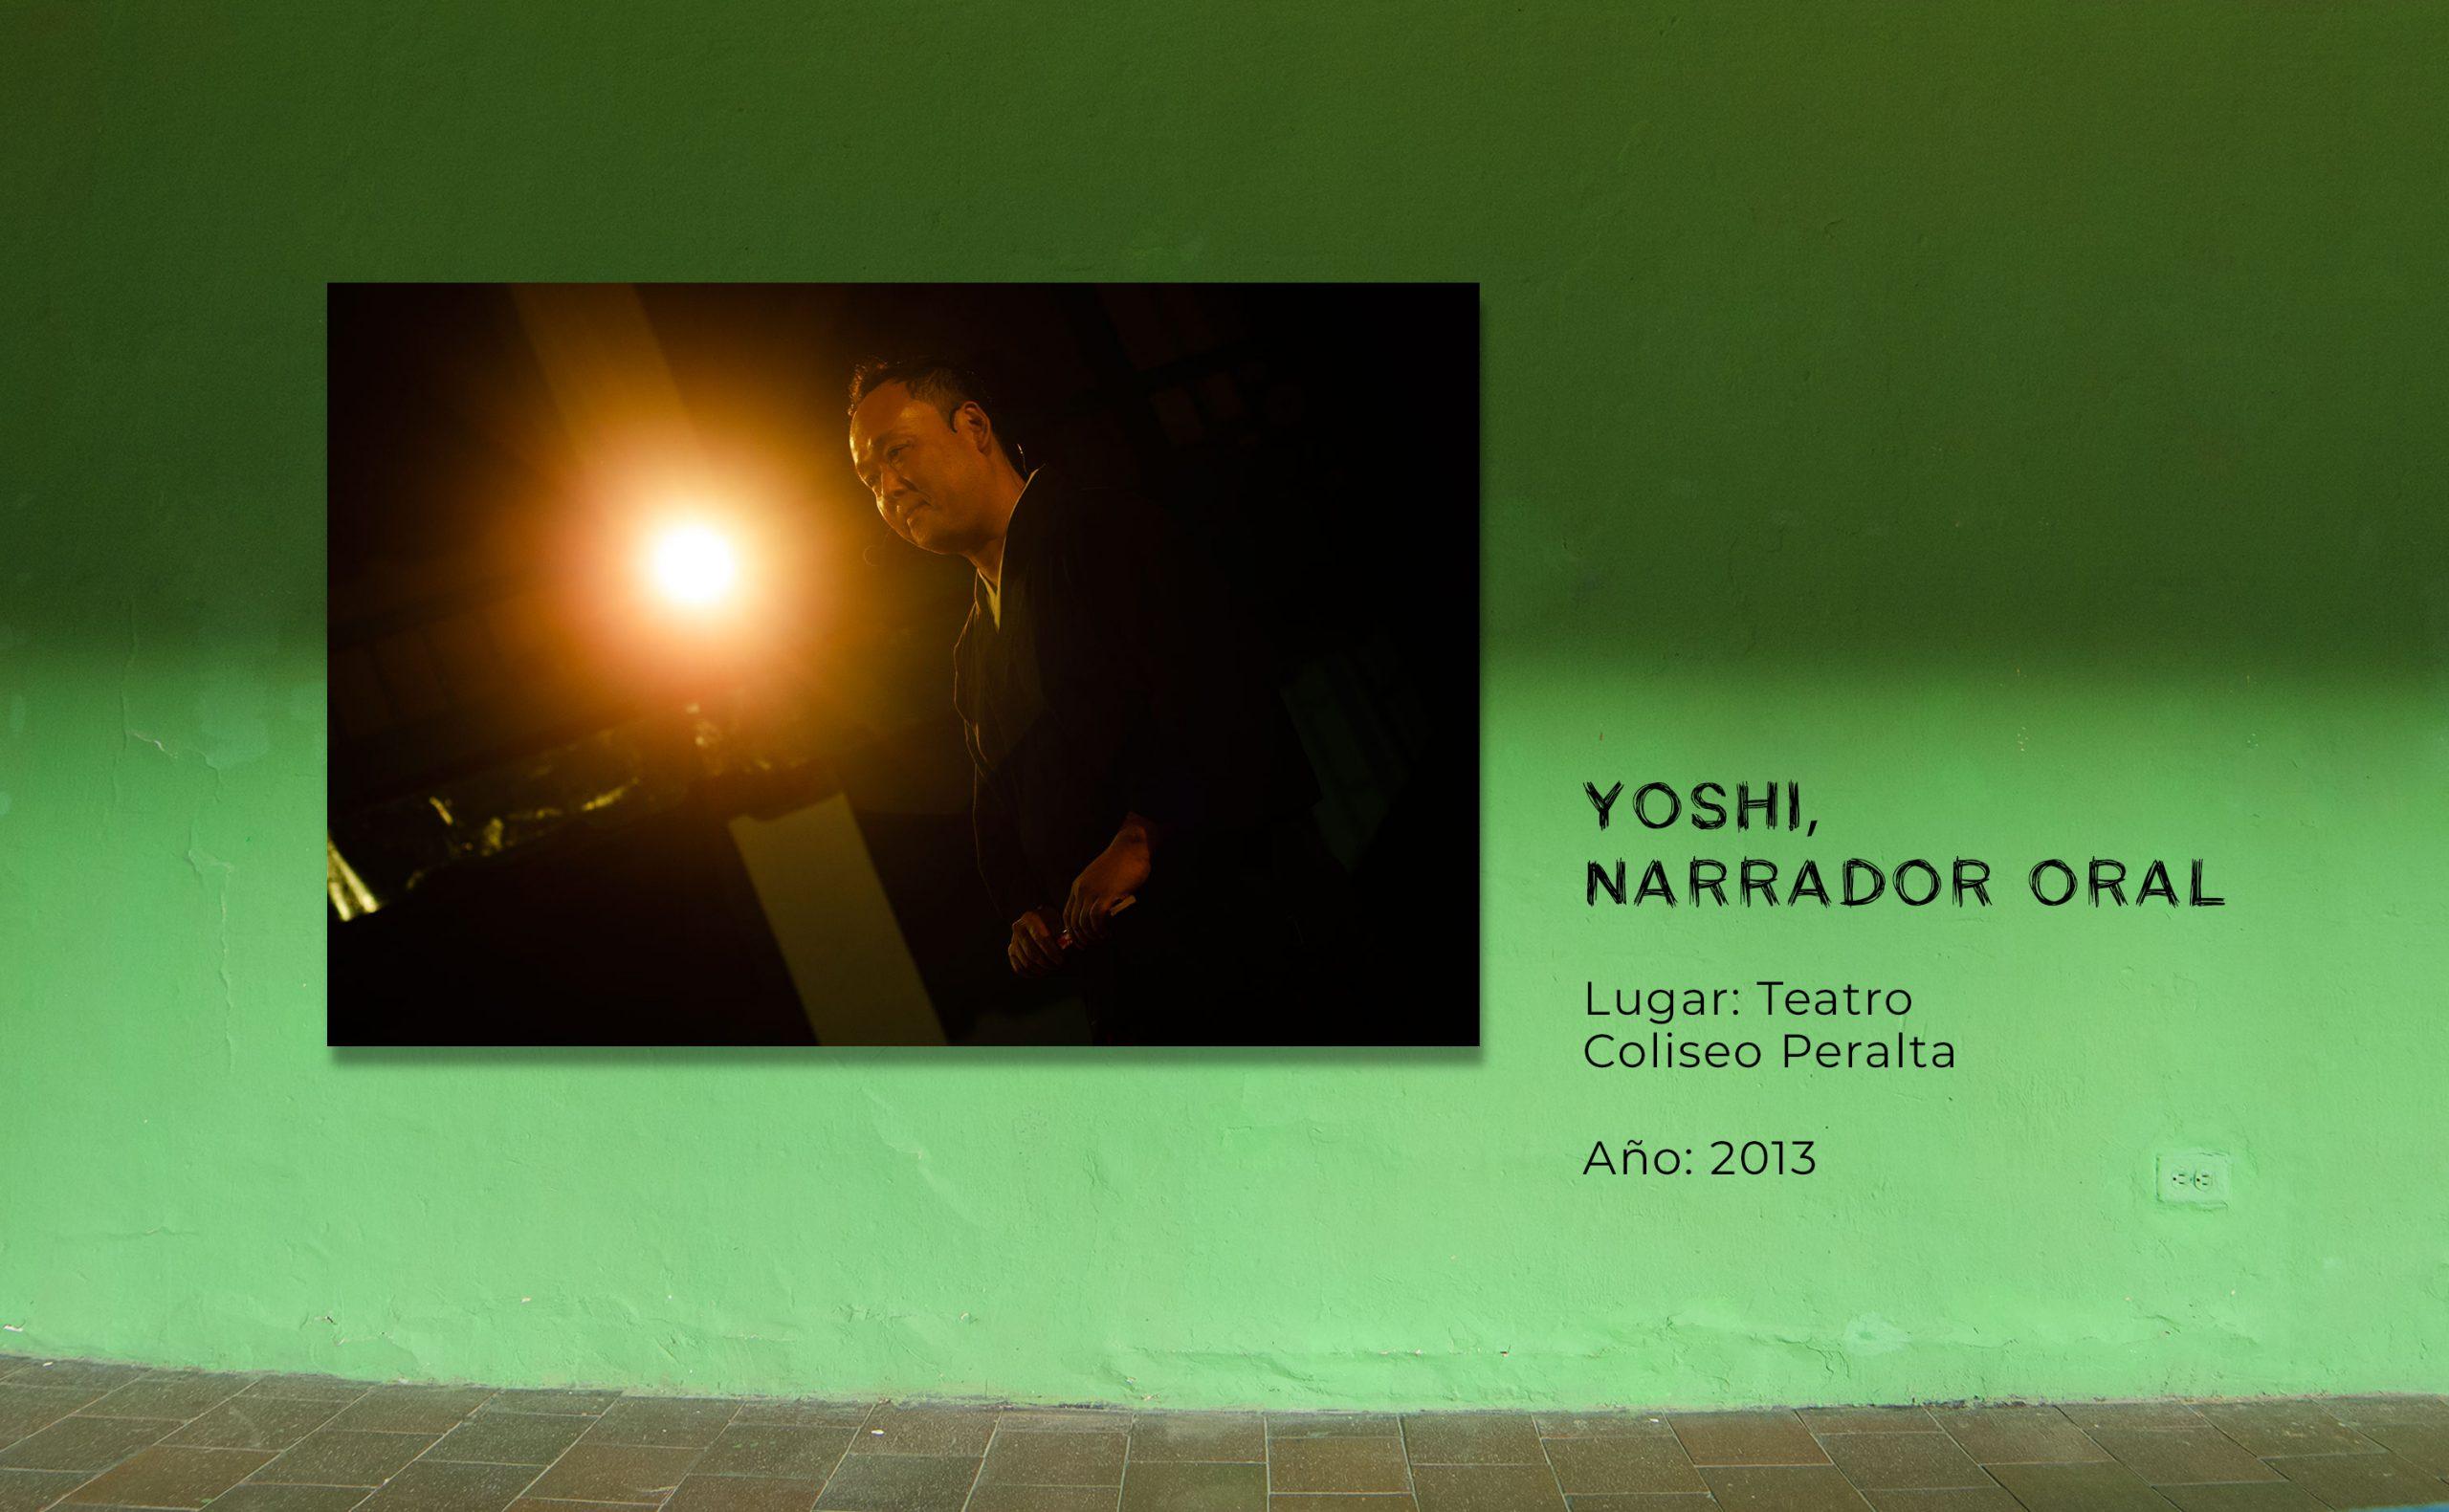 2.YOSHI